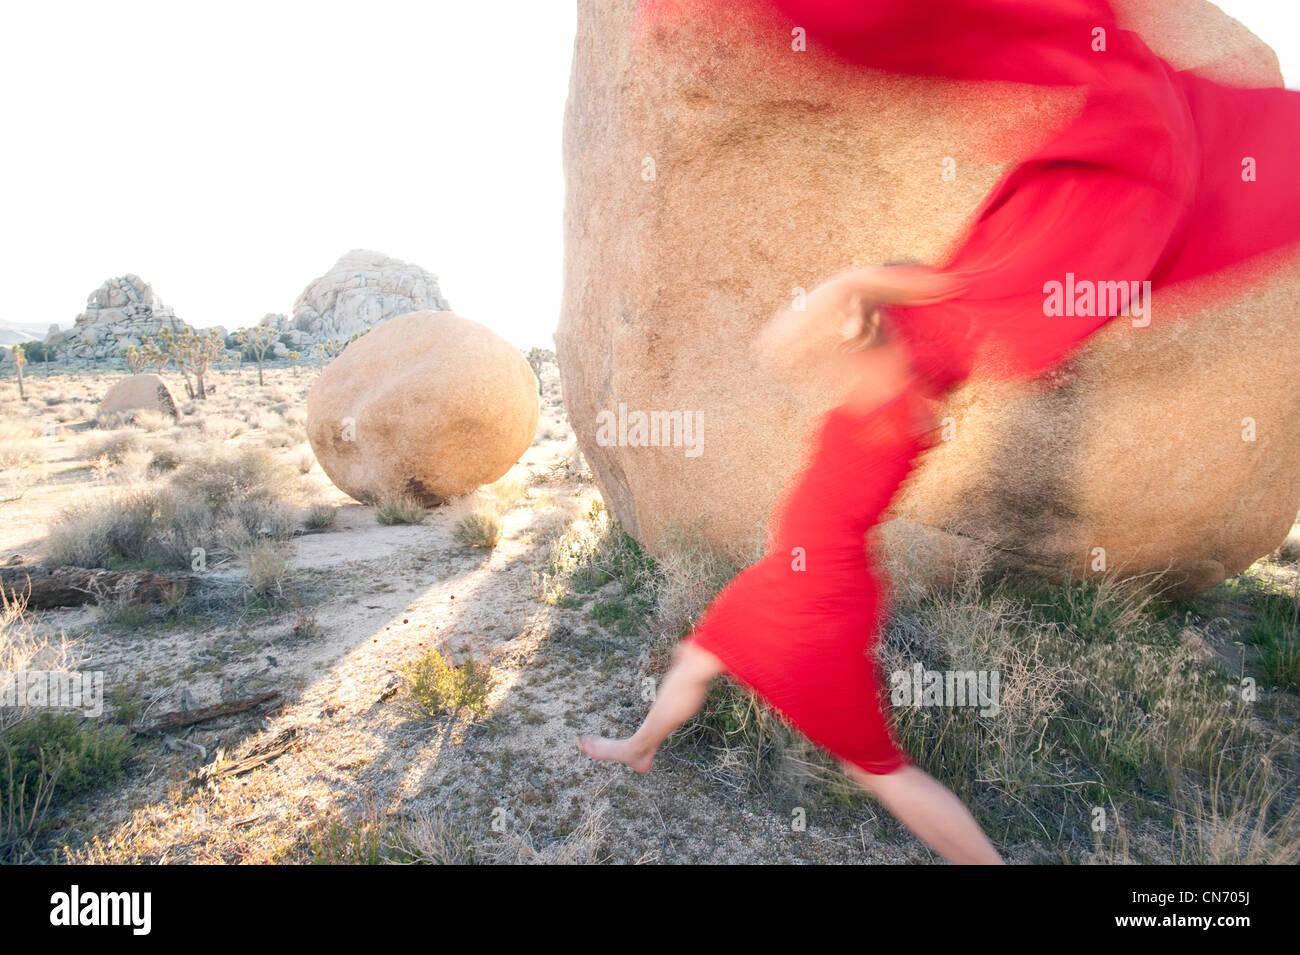 Mujer roja borrosa lanzando su pañuelo rojo en un paisaje de piedra. Imagen De Stock